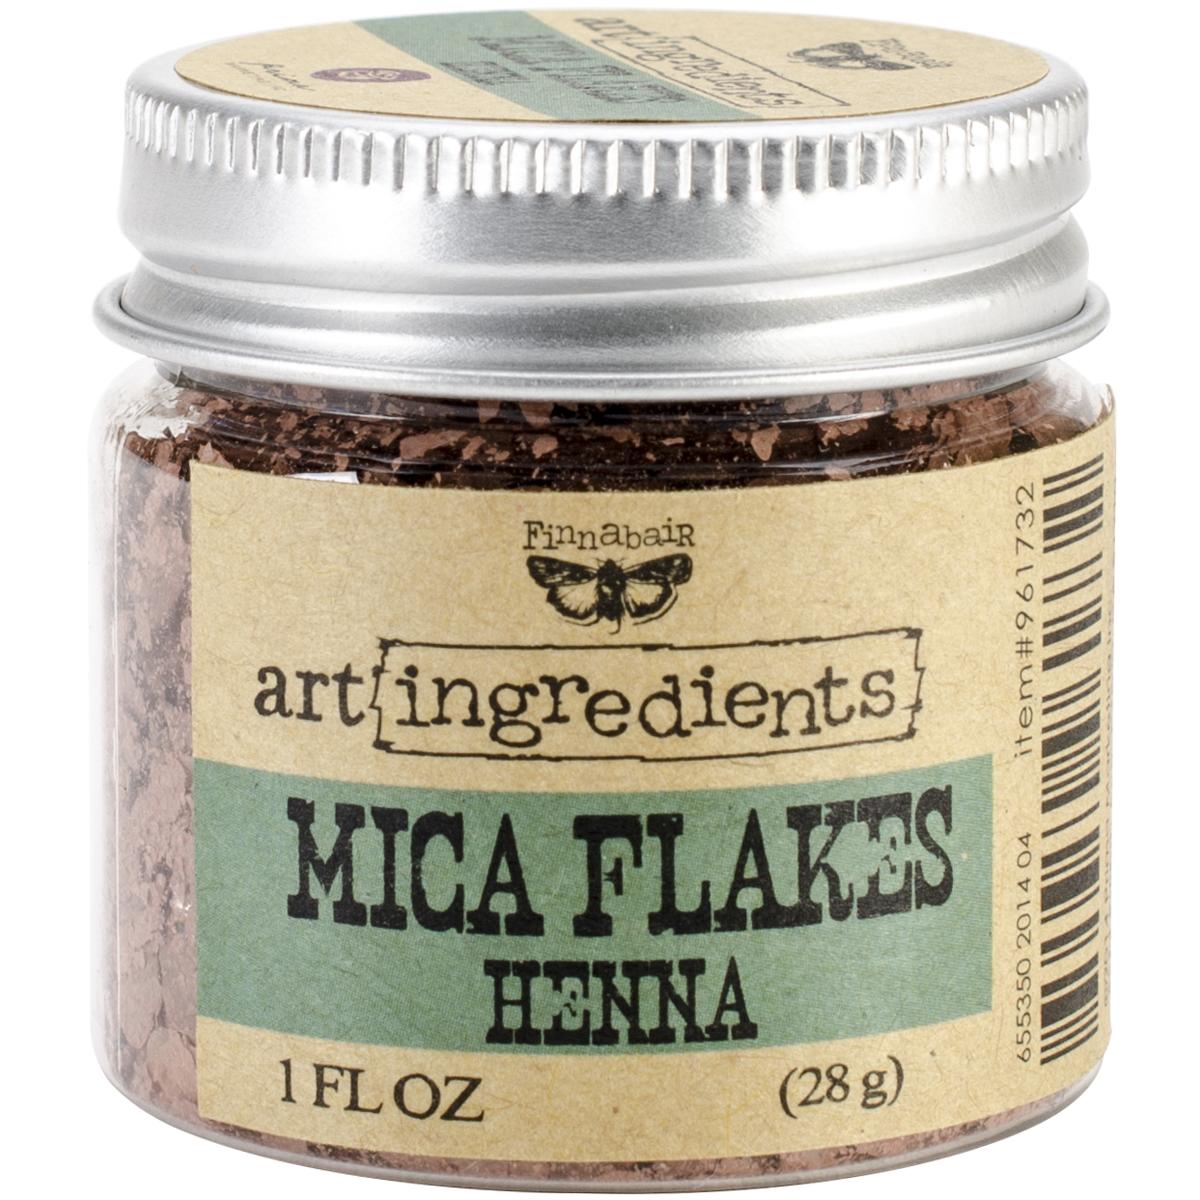 Finnabair Art Ingredients Mica Flakes 1oz-Henna